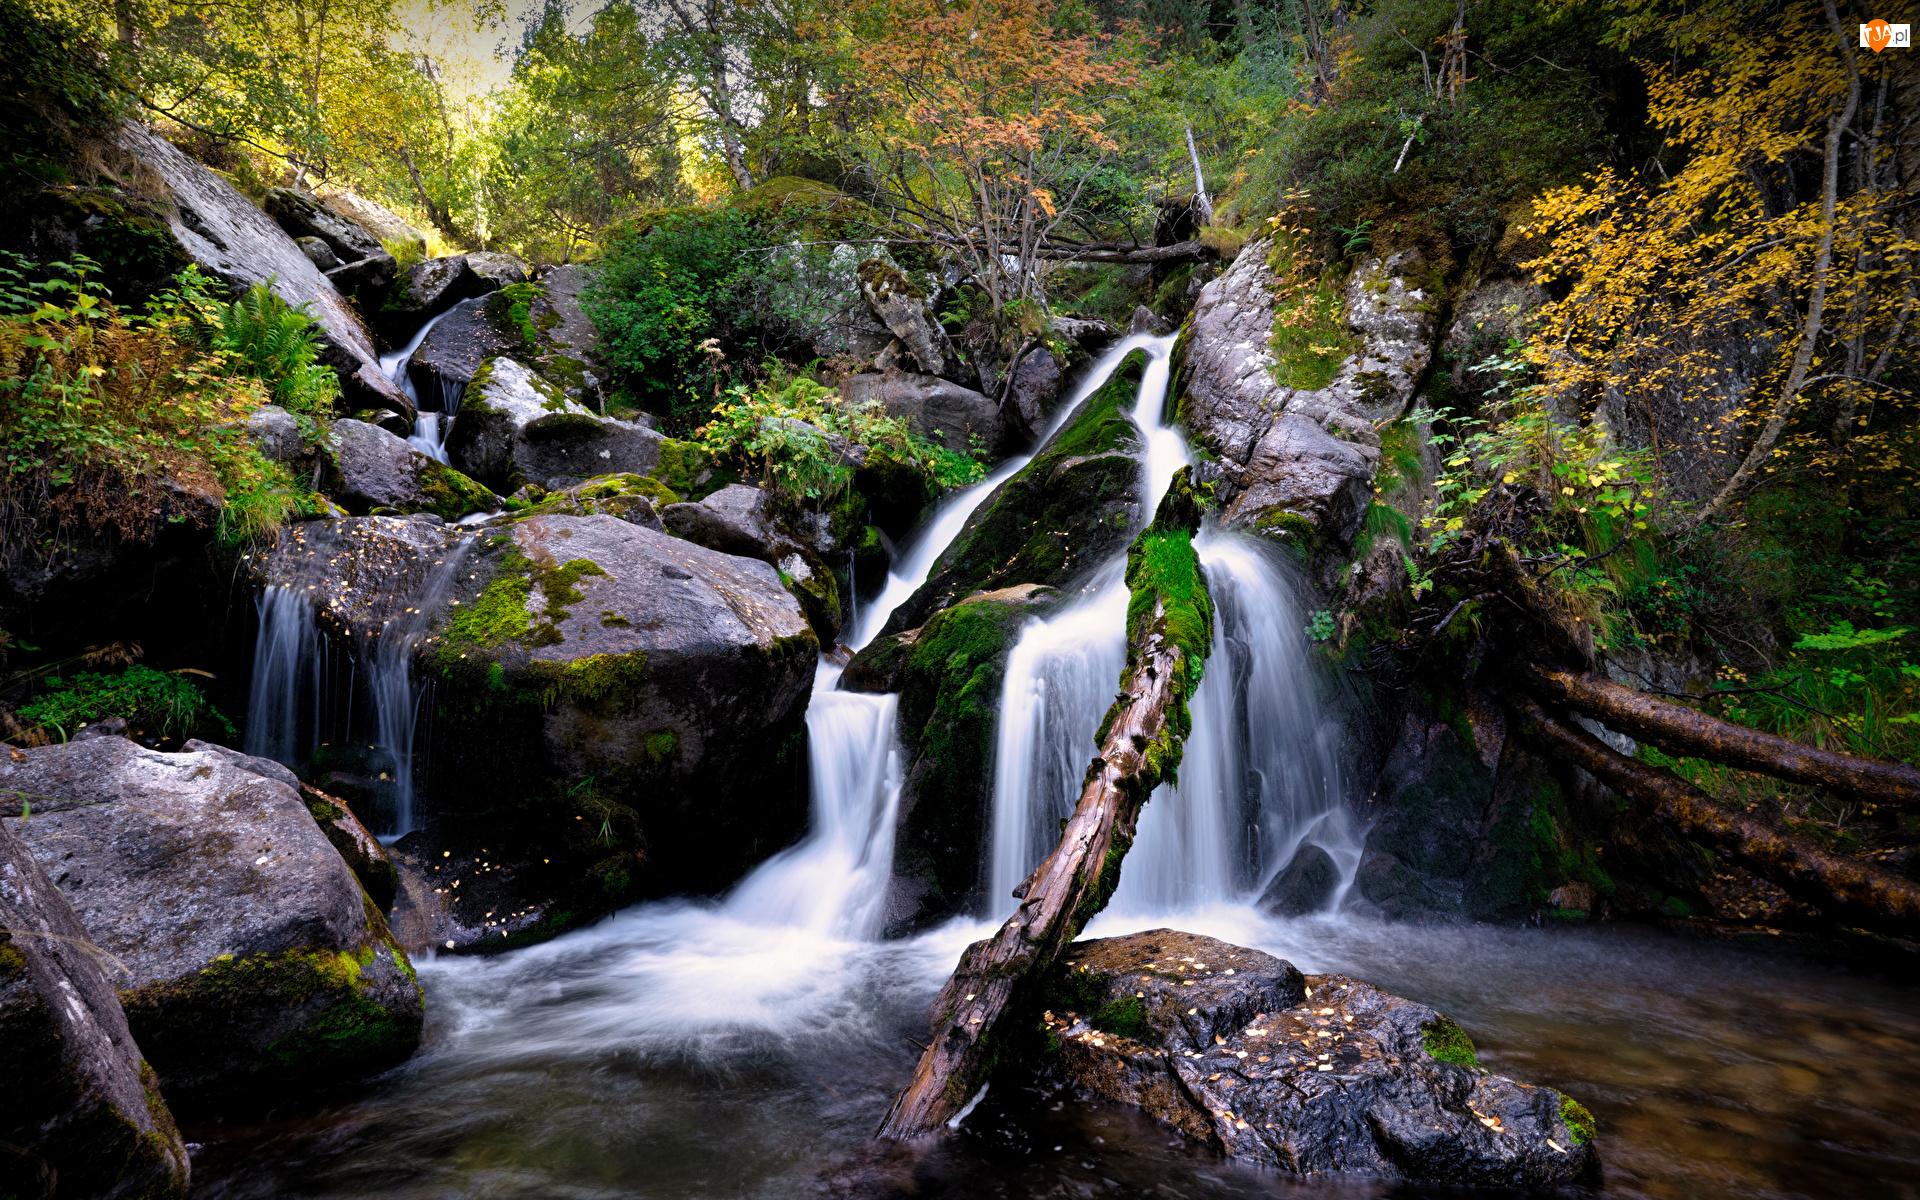 Kamienie, Drzewa, Rzeka, Omszone